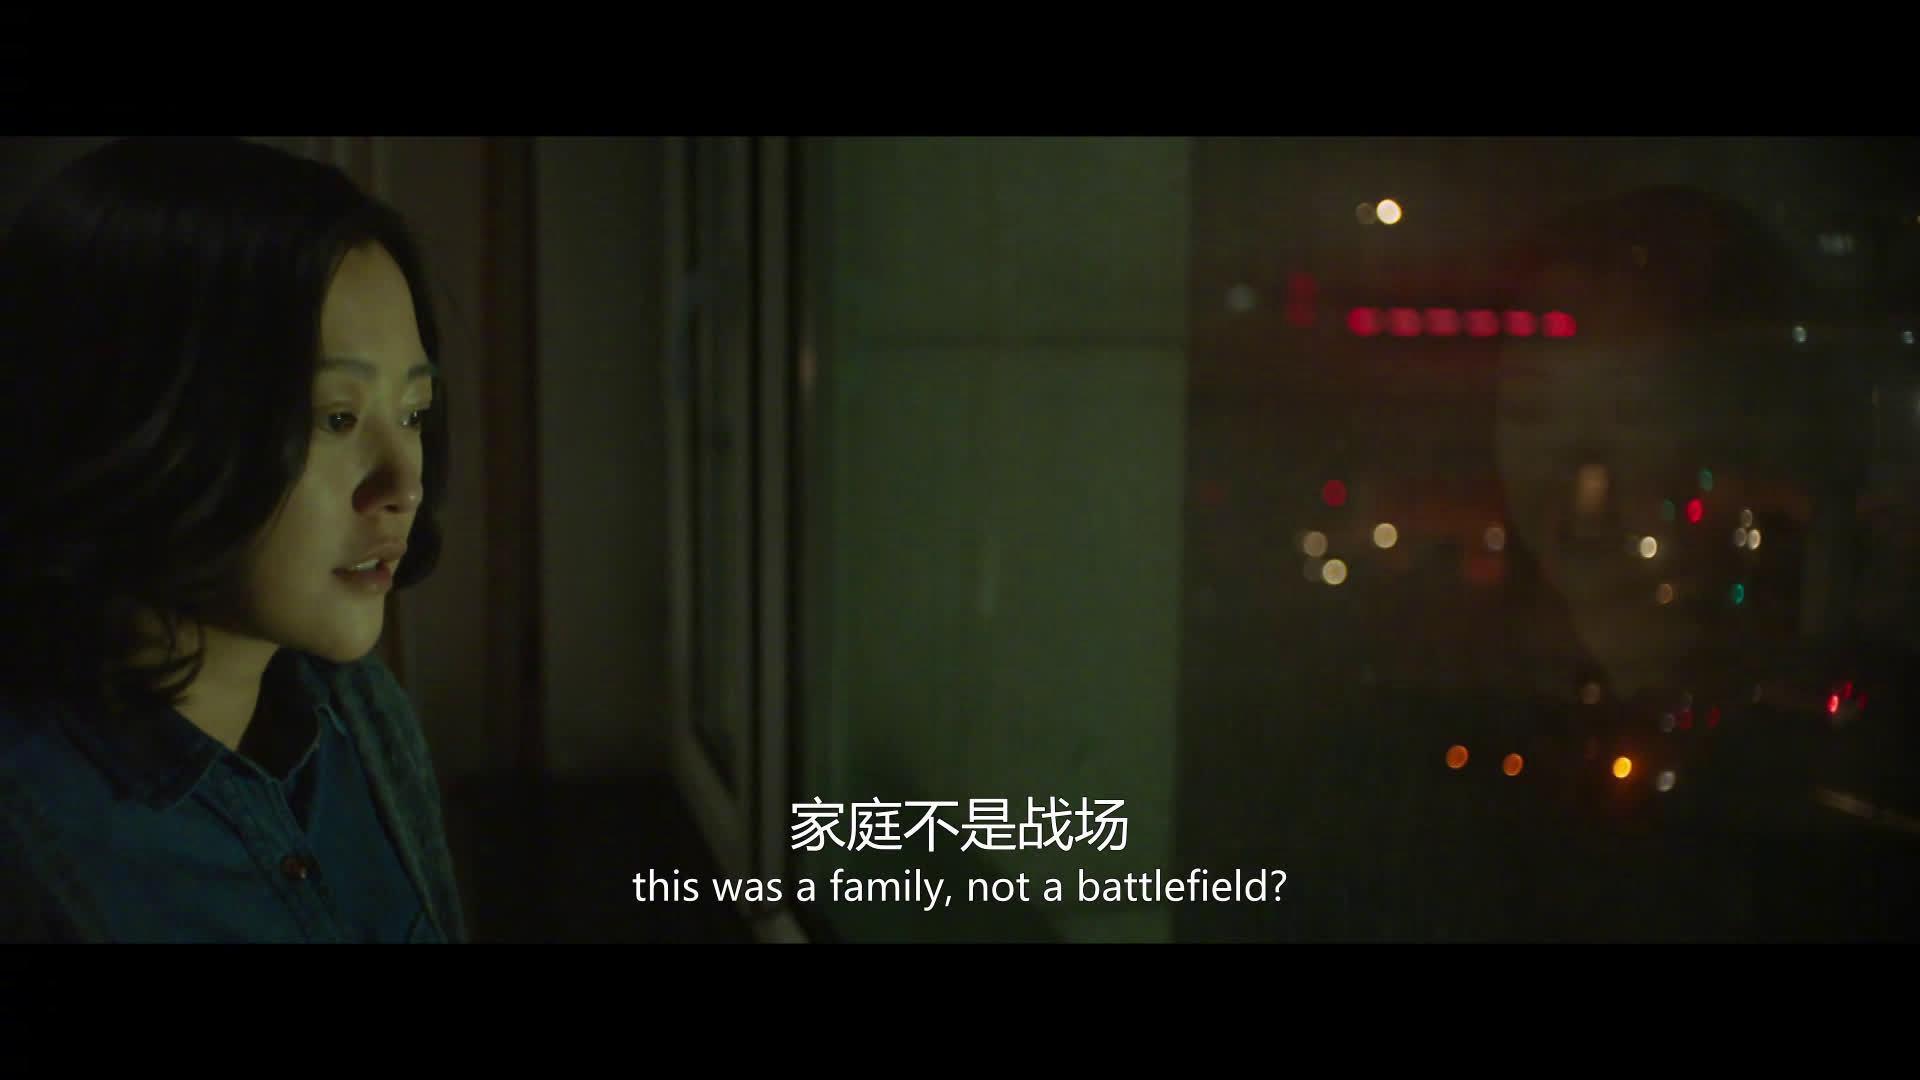 郝蕾和金燕玲主演的这部新片《春潮》……